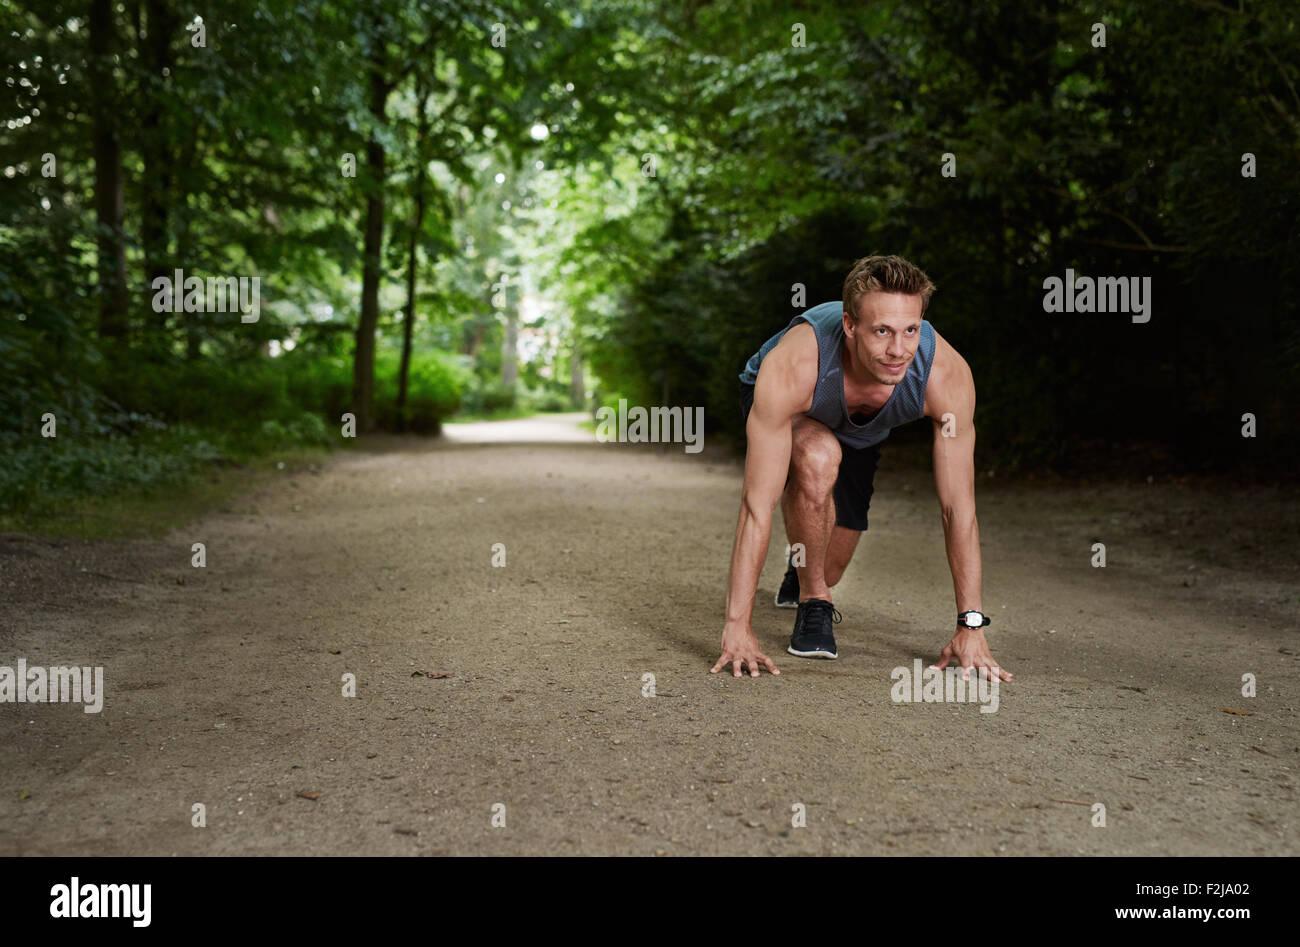 Bello Athletic uomo in esecuzione di posizione Start e guardando in lontananza al parco Immagini Stock